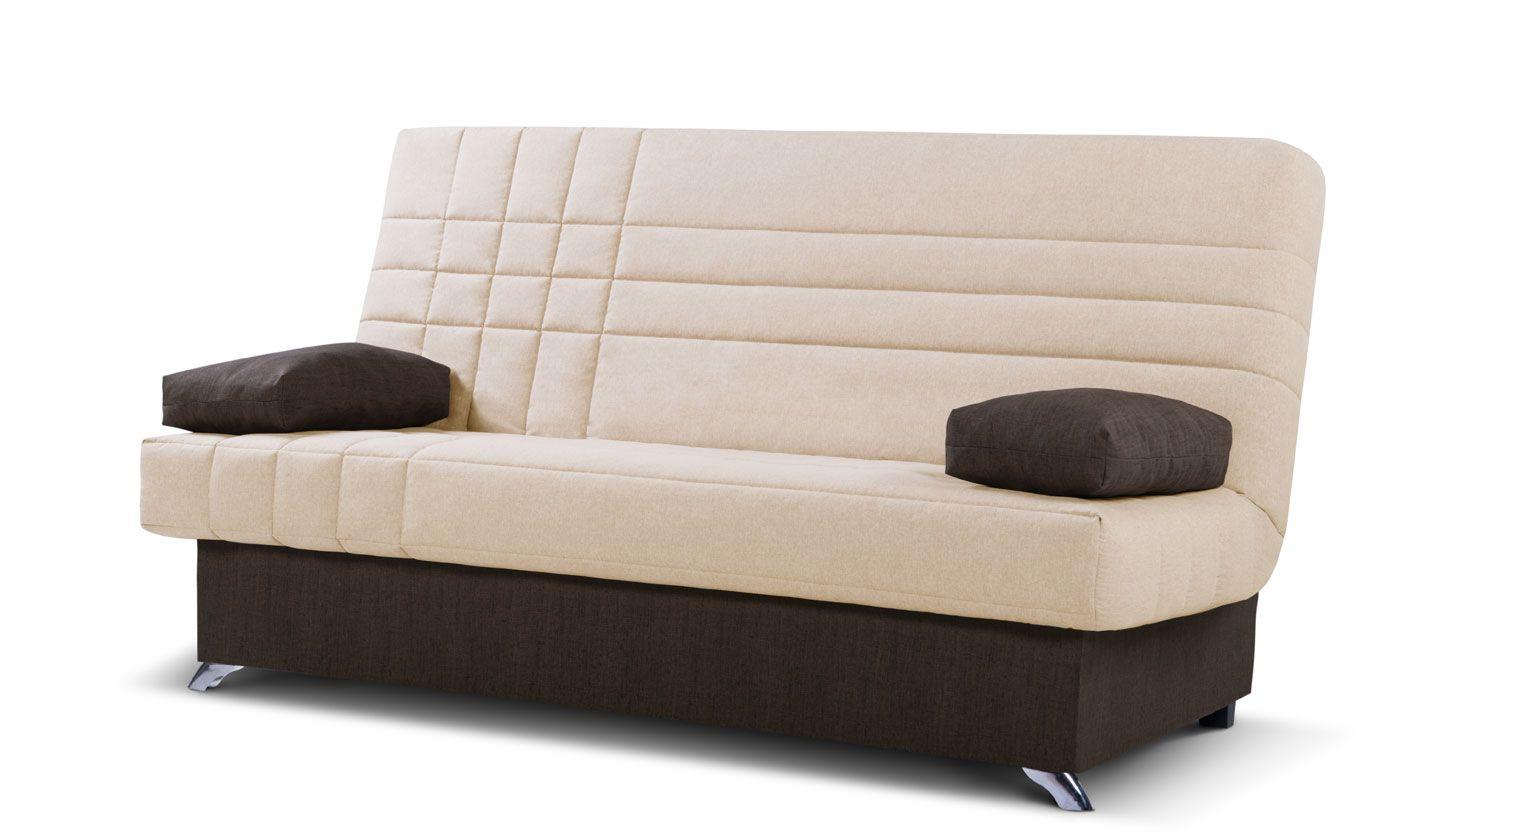 Fabricas de sofas en zaragoza affordable x sofs y - Artesanos del sofa ...